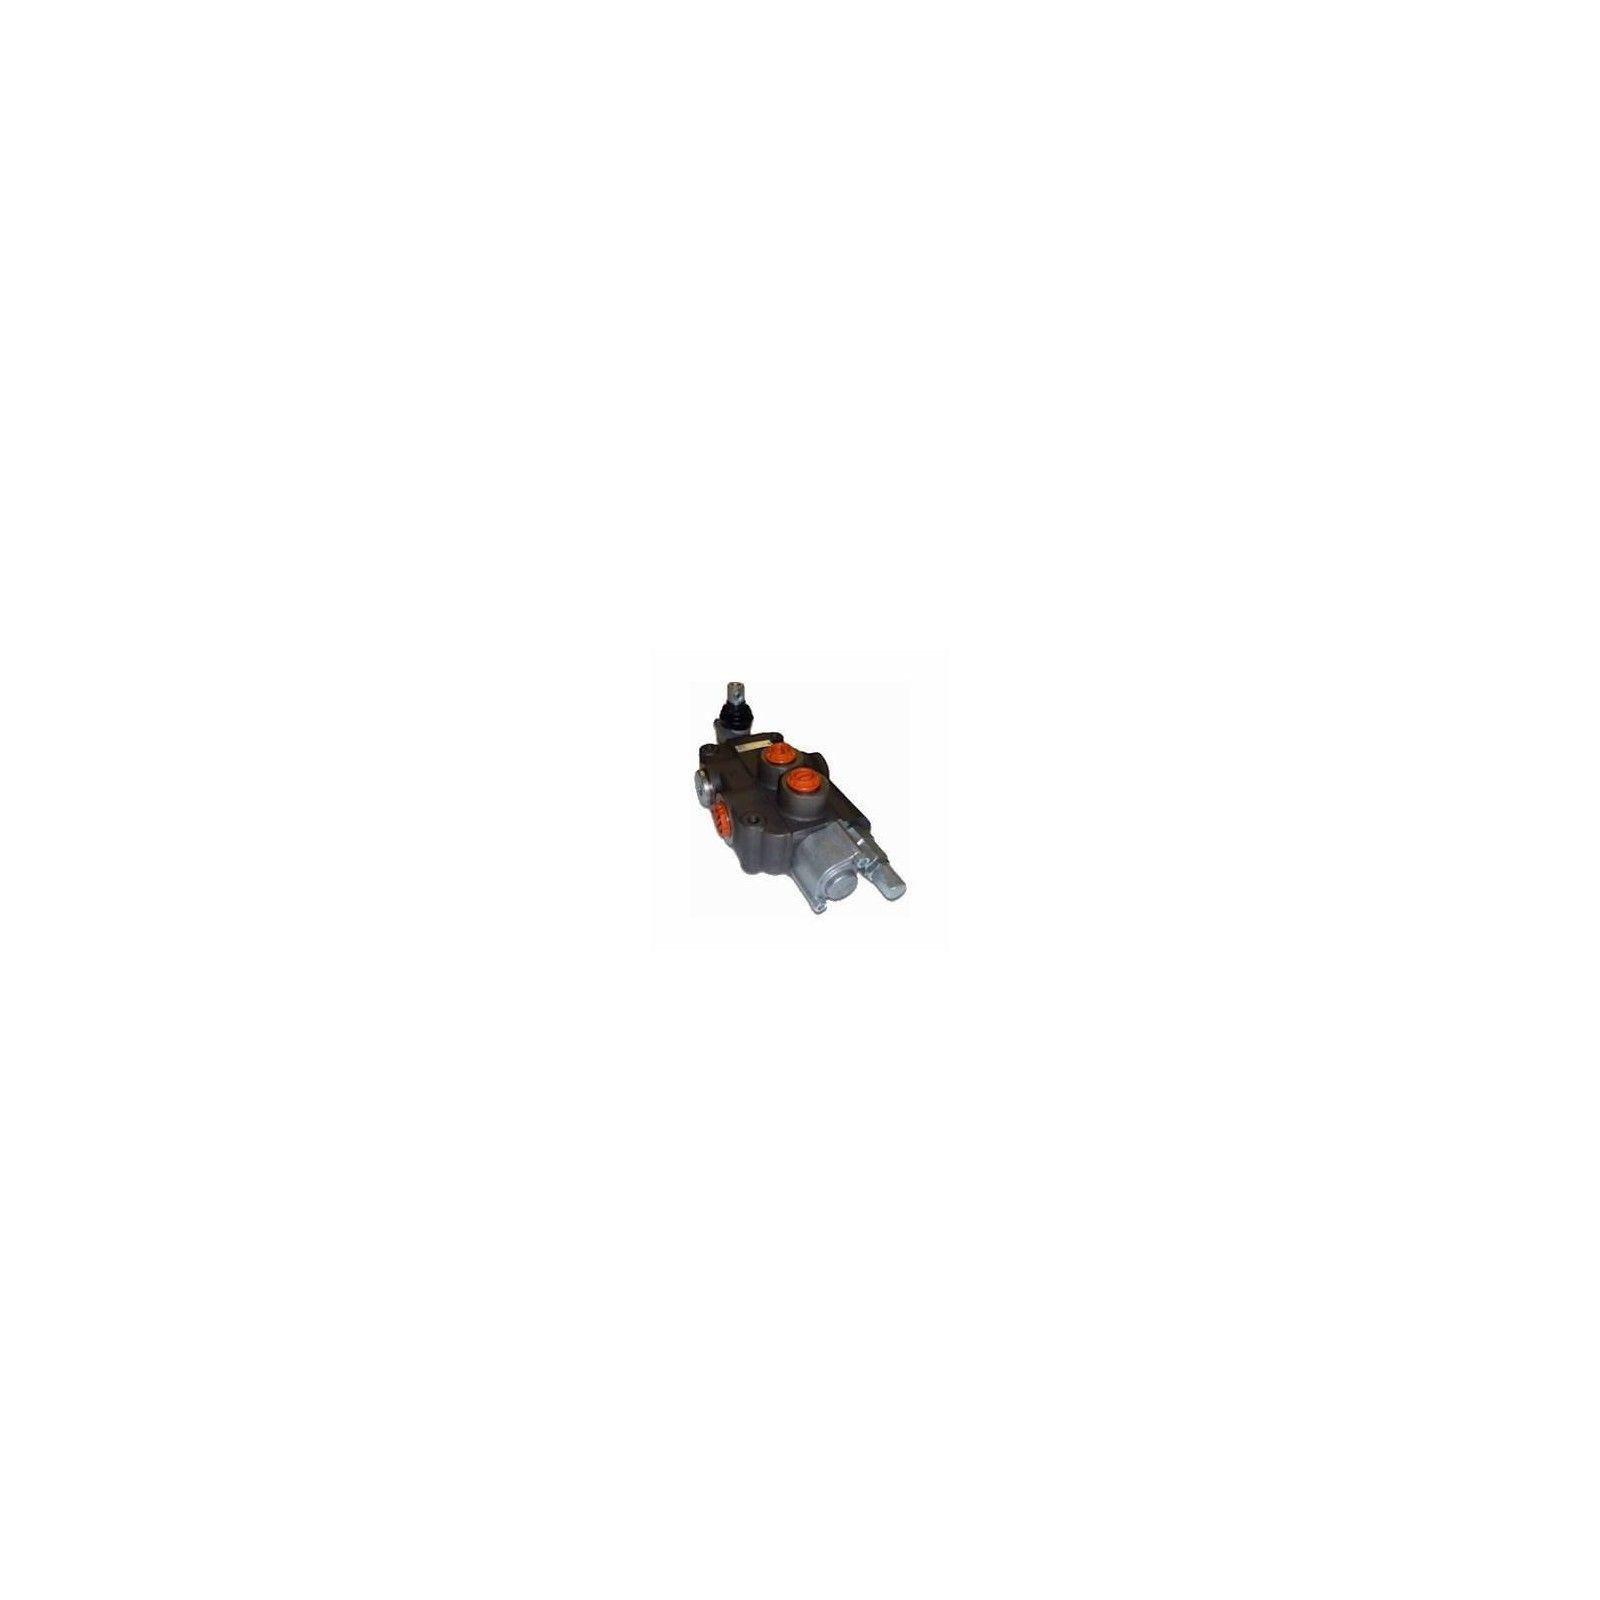 distributeur fendeuse - DM 80 DOUBLE VITESSE - 90 L/MN DM802 Distributeurs de fendeuse 80 L/mn